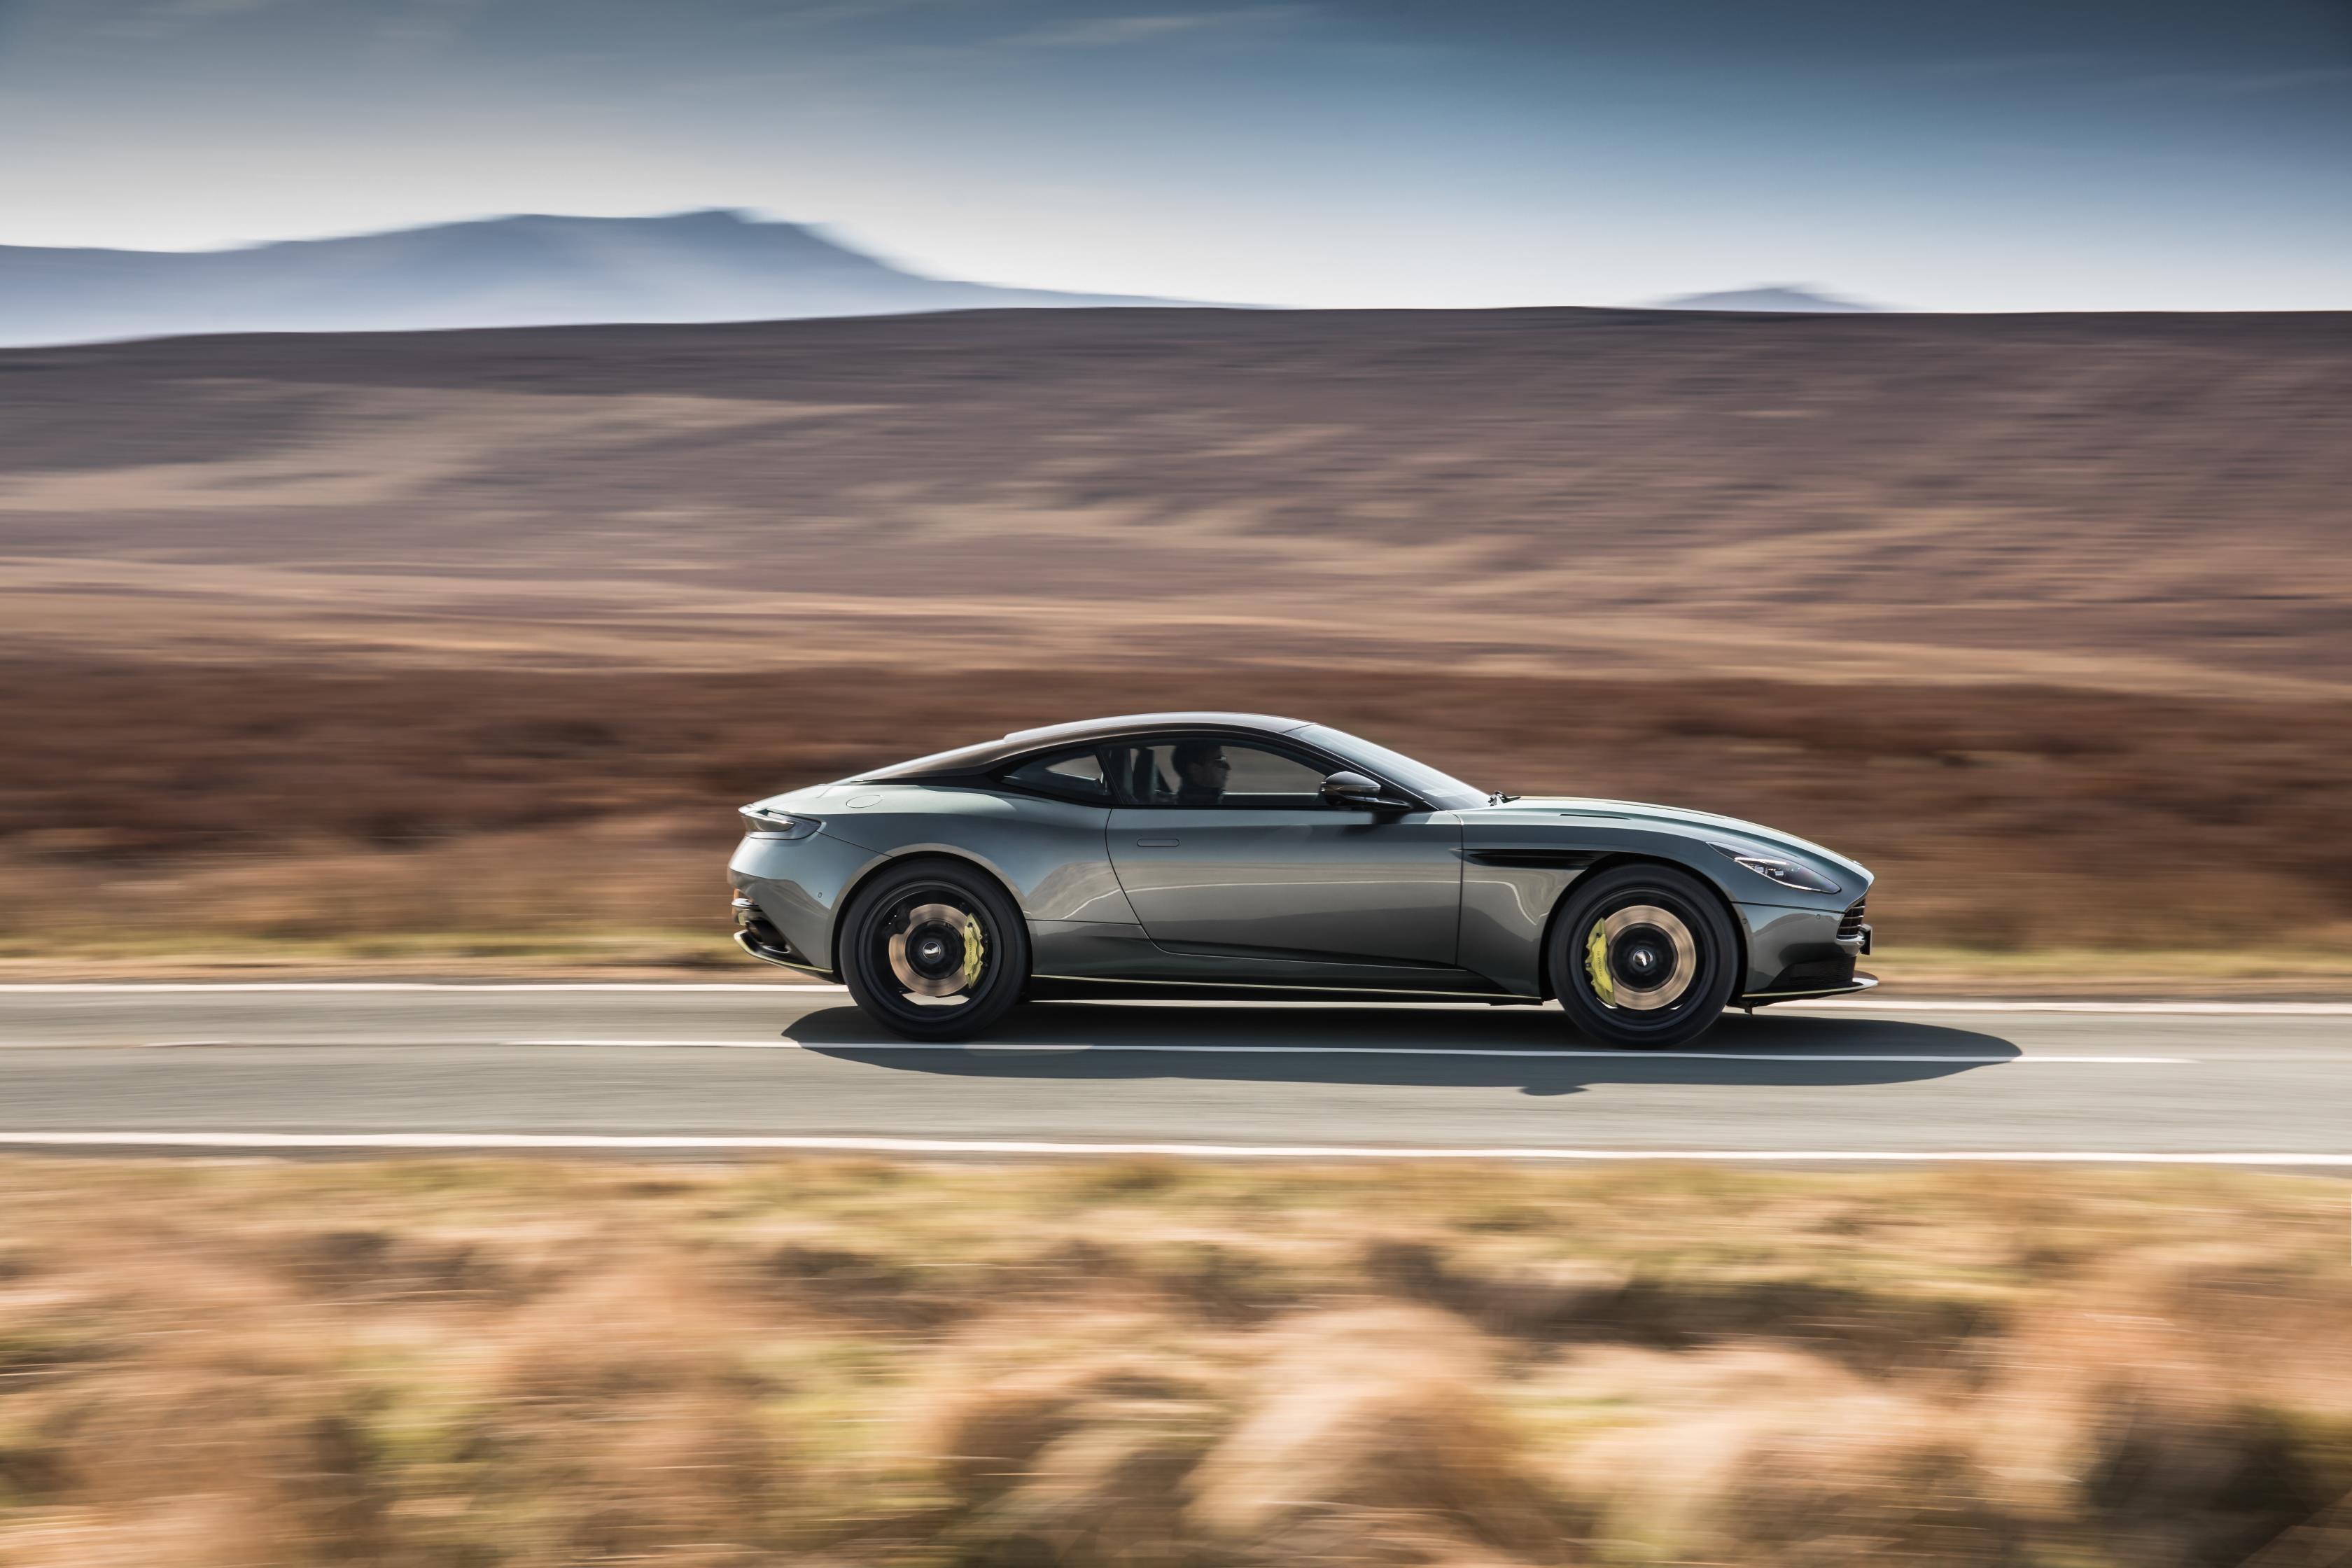 Мы слышали о планах Aston Martin относительно Lagonda и V12 Vantage V600 на прошлой неделе.